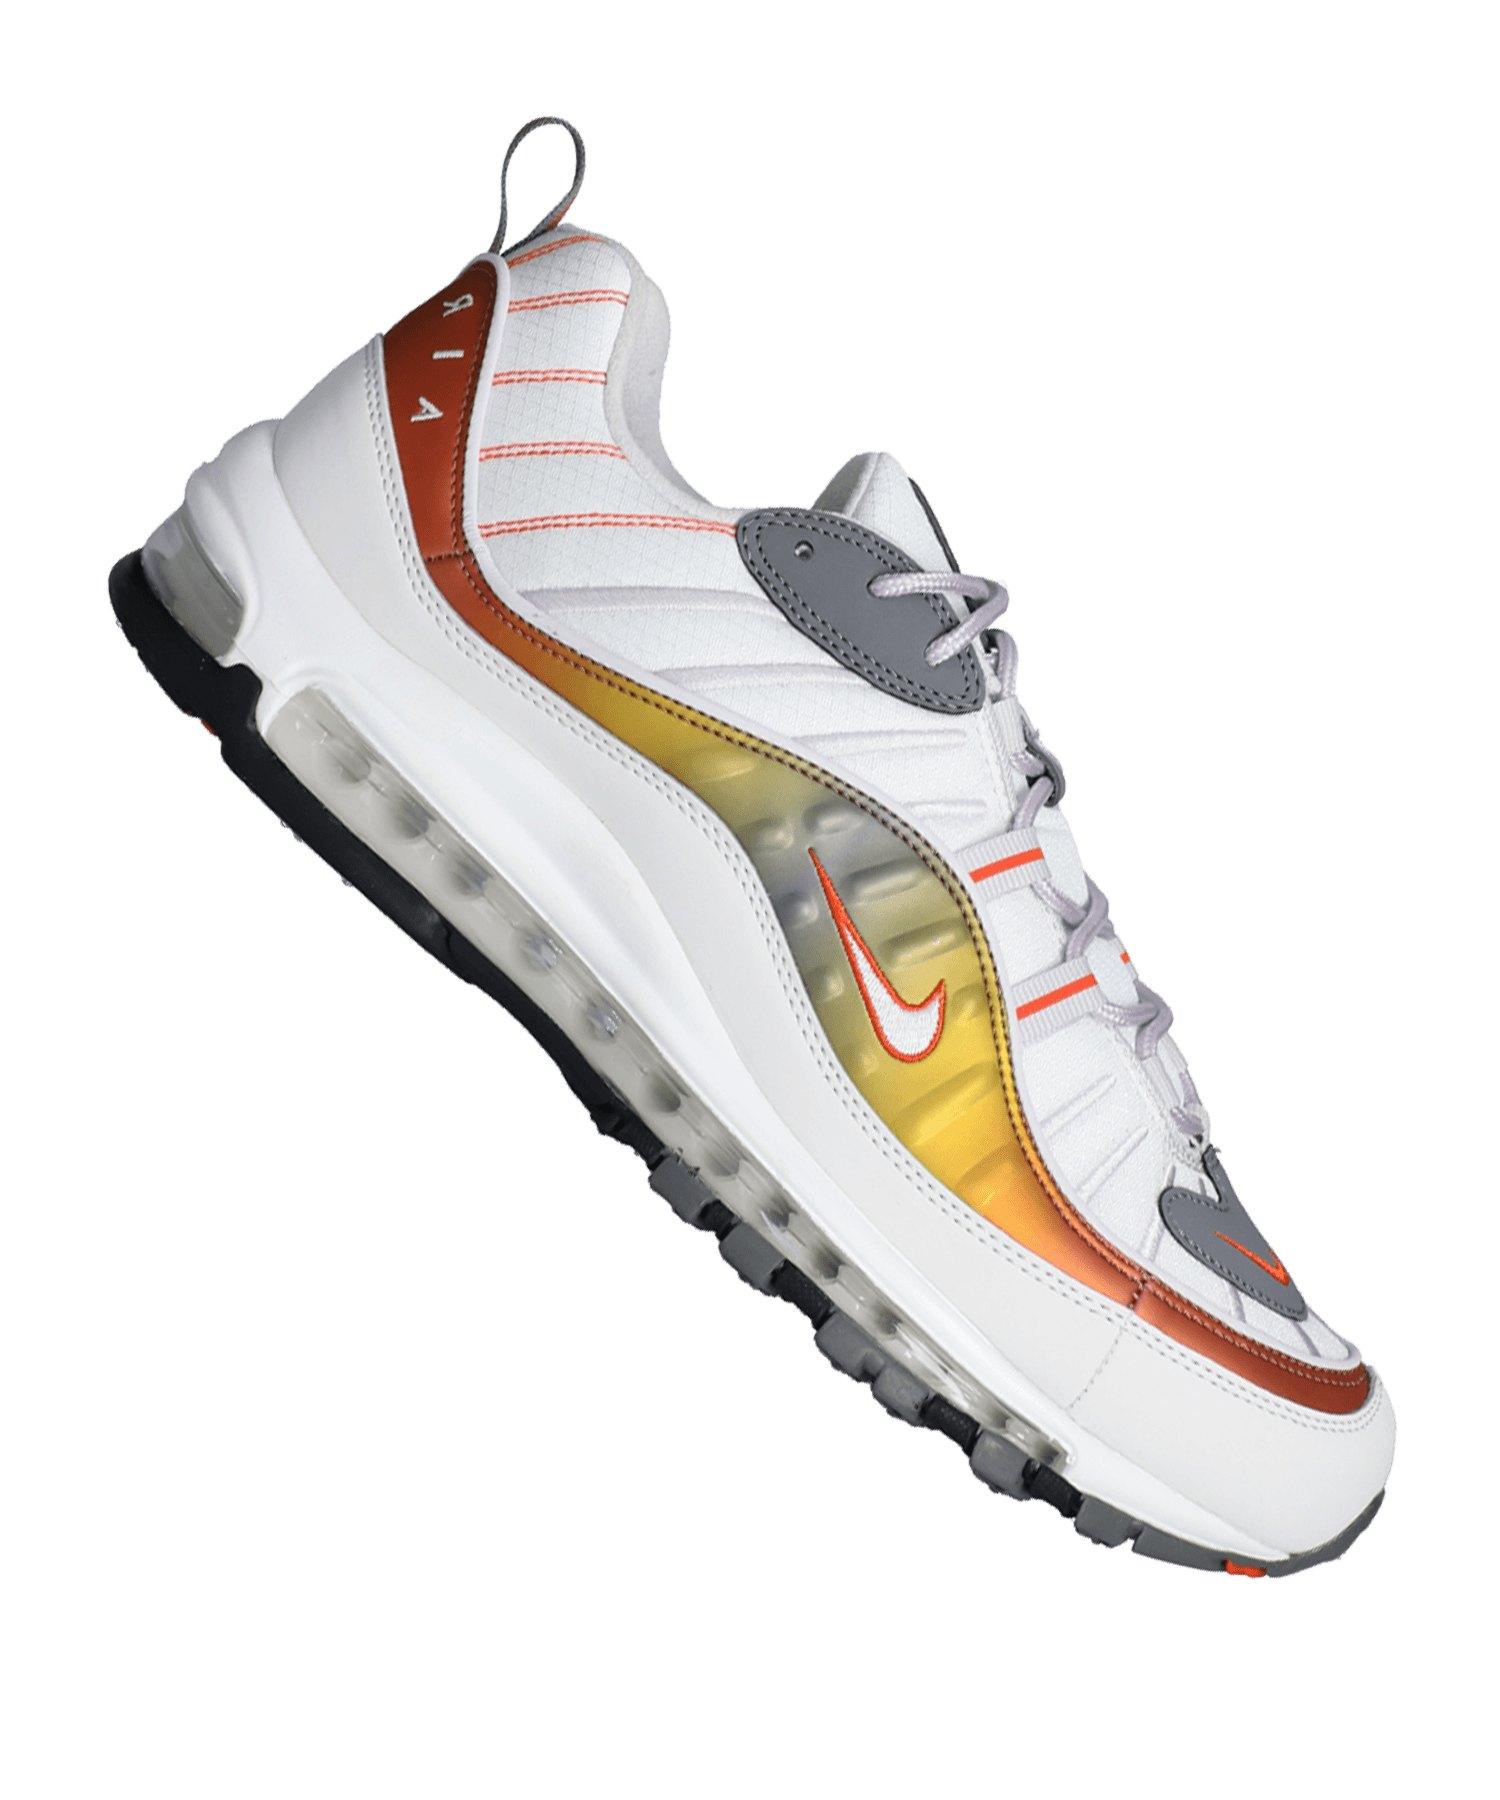 Nike Air Max 98 (GS) Damen Schuhe Kaufen, Nike Schuhe Damen